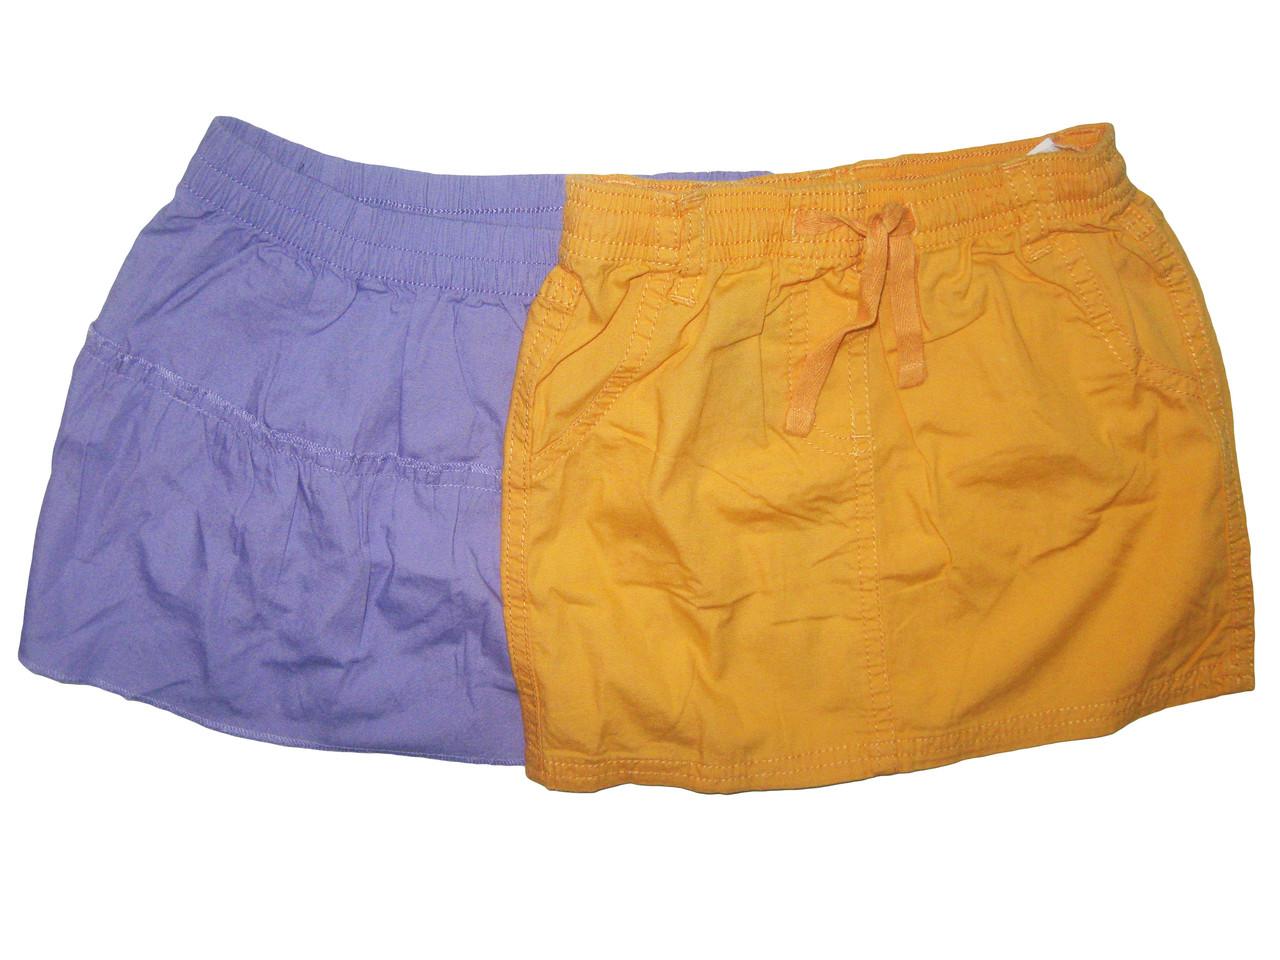 Юбка для девочек (2 шт в упаковке), размер 86/92, 98/104(2шт), Lupilu, арт. 868